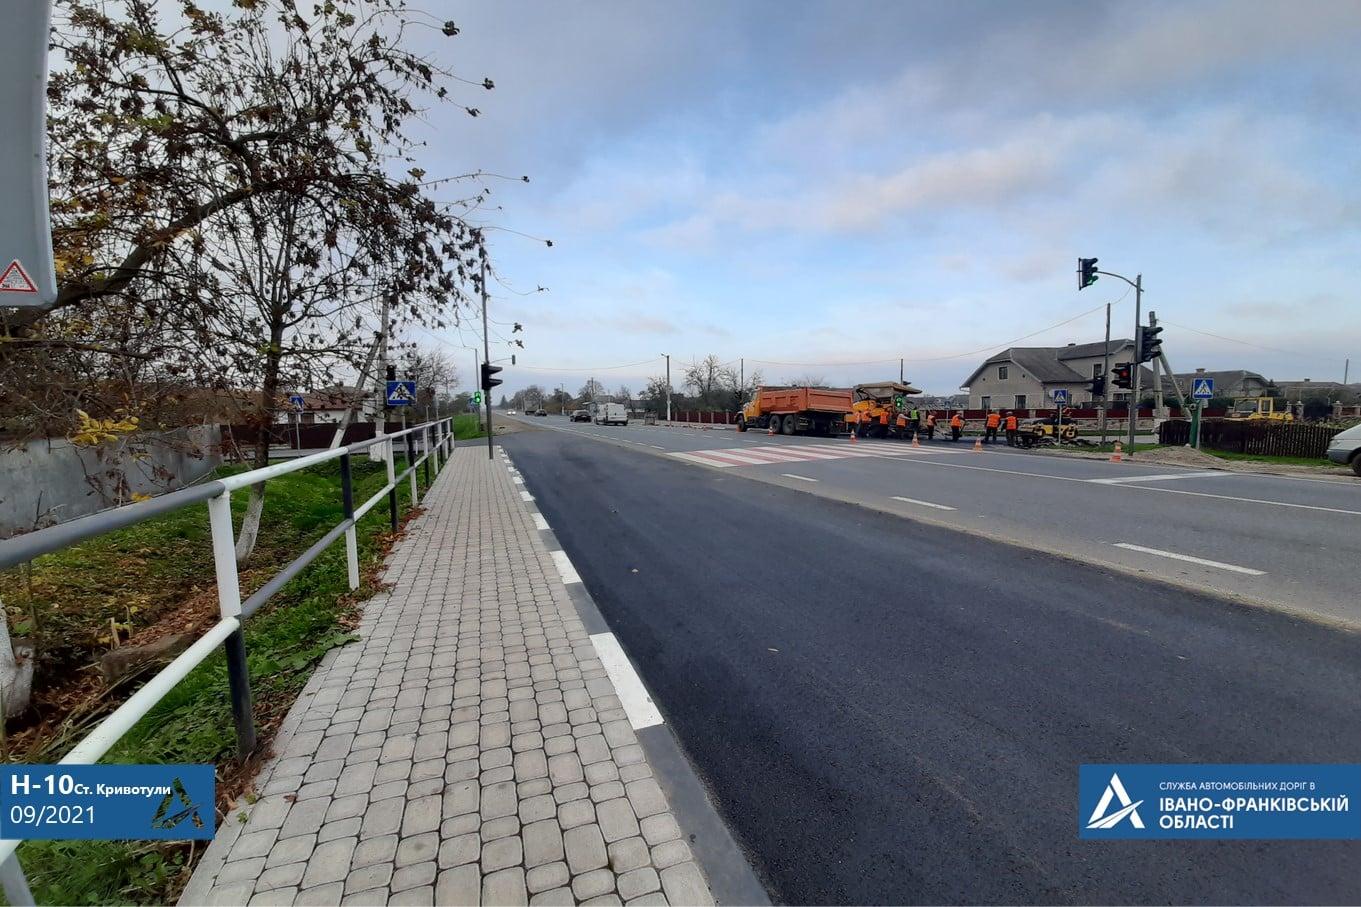 Нові тротуари, знаки та освітлення: як цьогоріч прикарпатські дороги безпечнішими роблять (ФОТО)